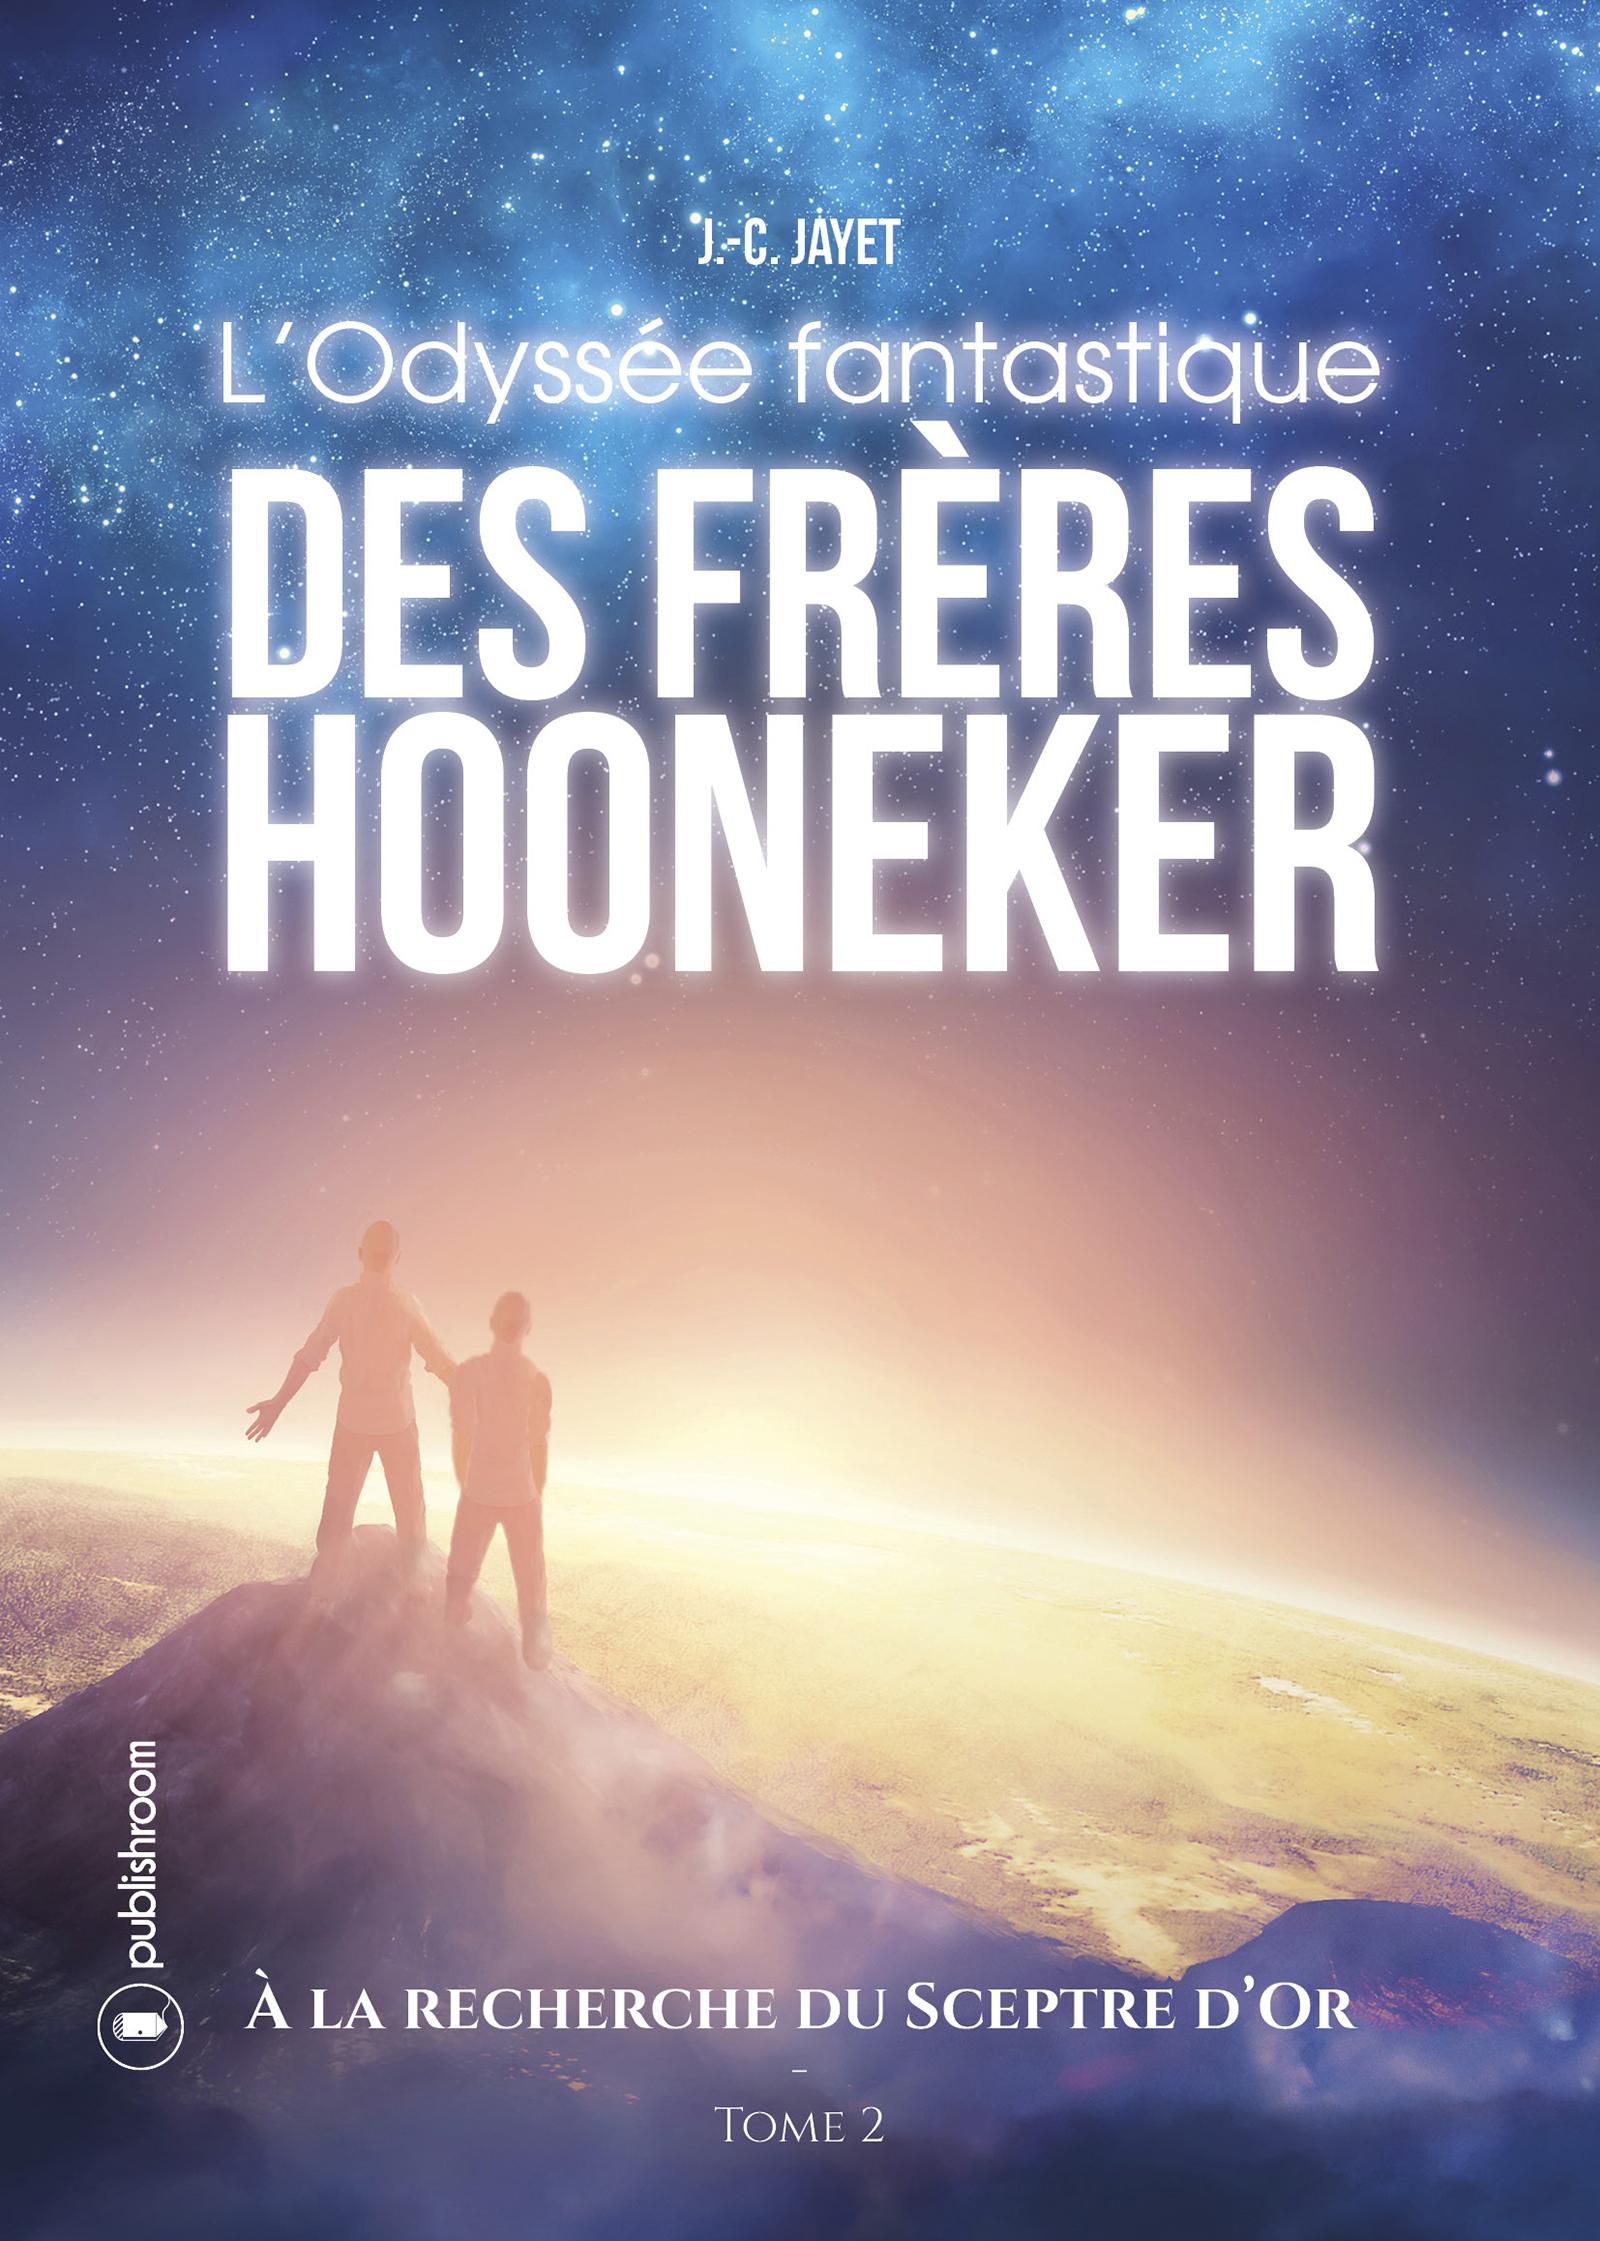 L'Odyssée fantastique des frères Hooneker, Tome 2 - À la recherche du sceptre d'or